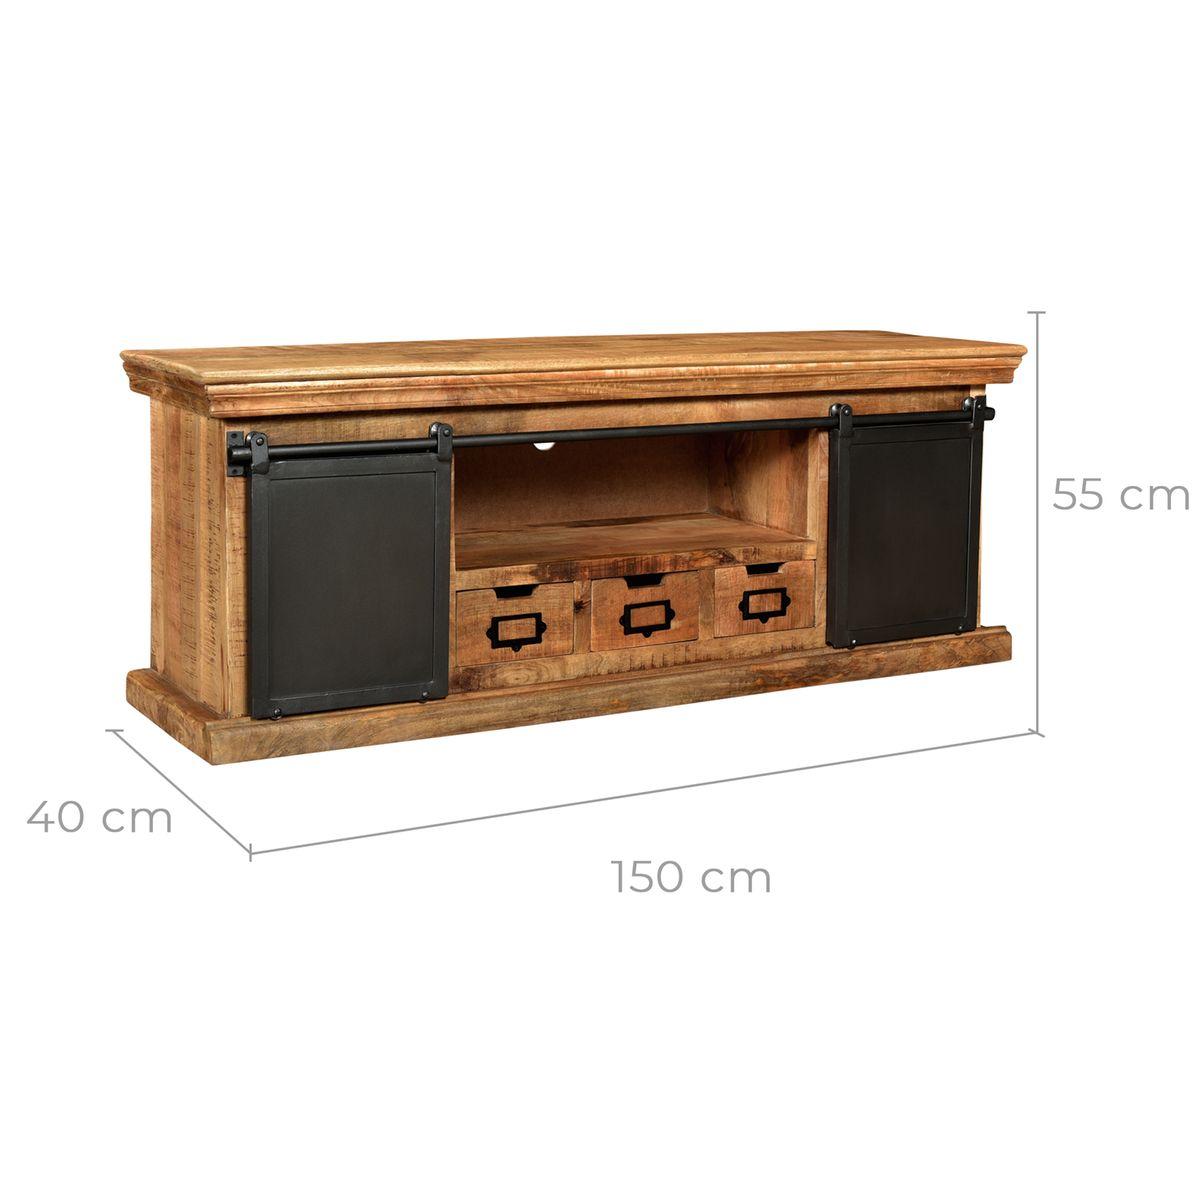 Meuble Tv Tabuk En Bois De Manguier Mobilier De Salon Deco Bois Et Meuble Tv Bois